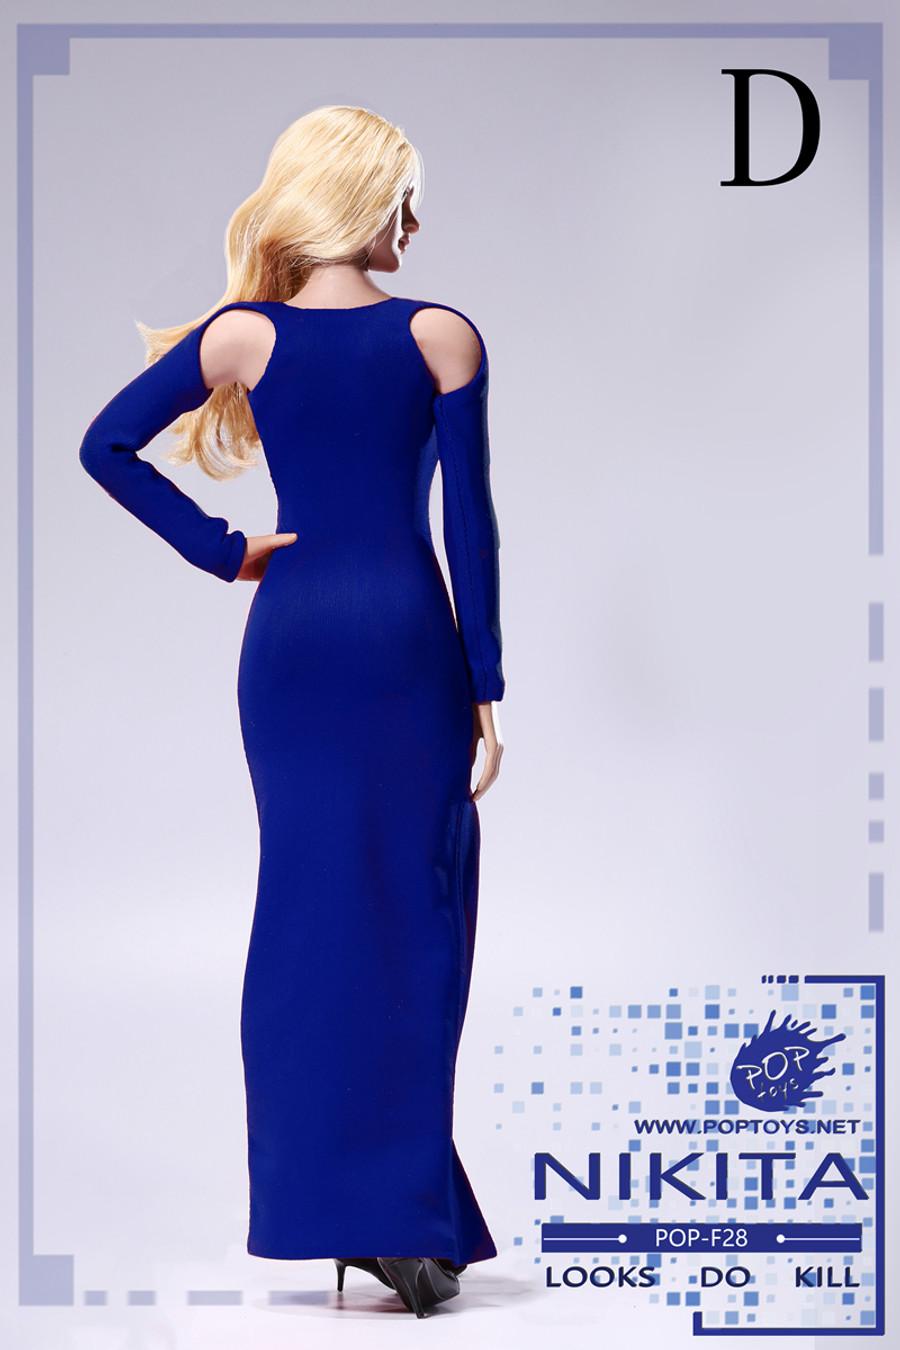 Pop Toys - Bare-Shouldered Evening Dress